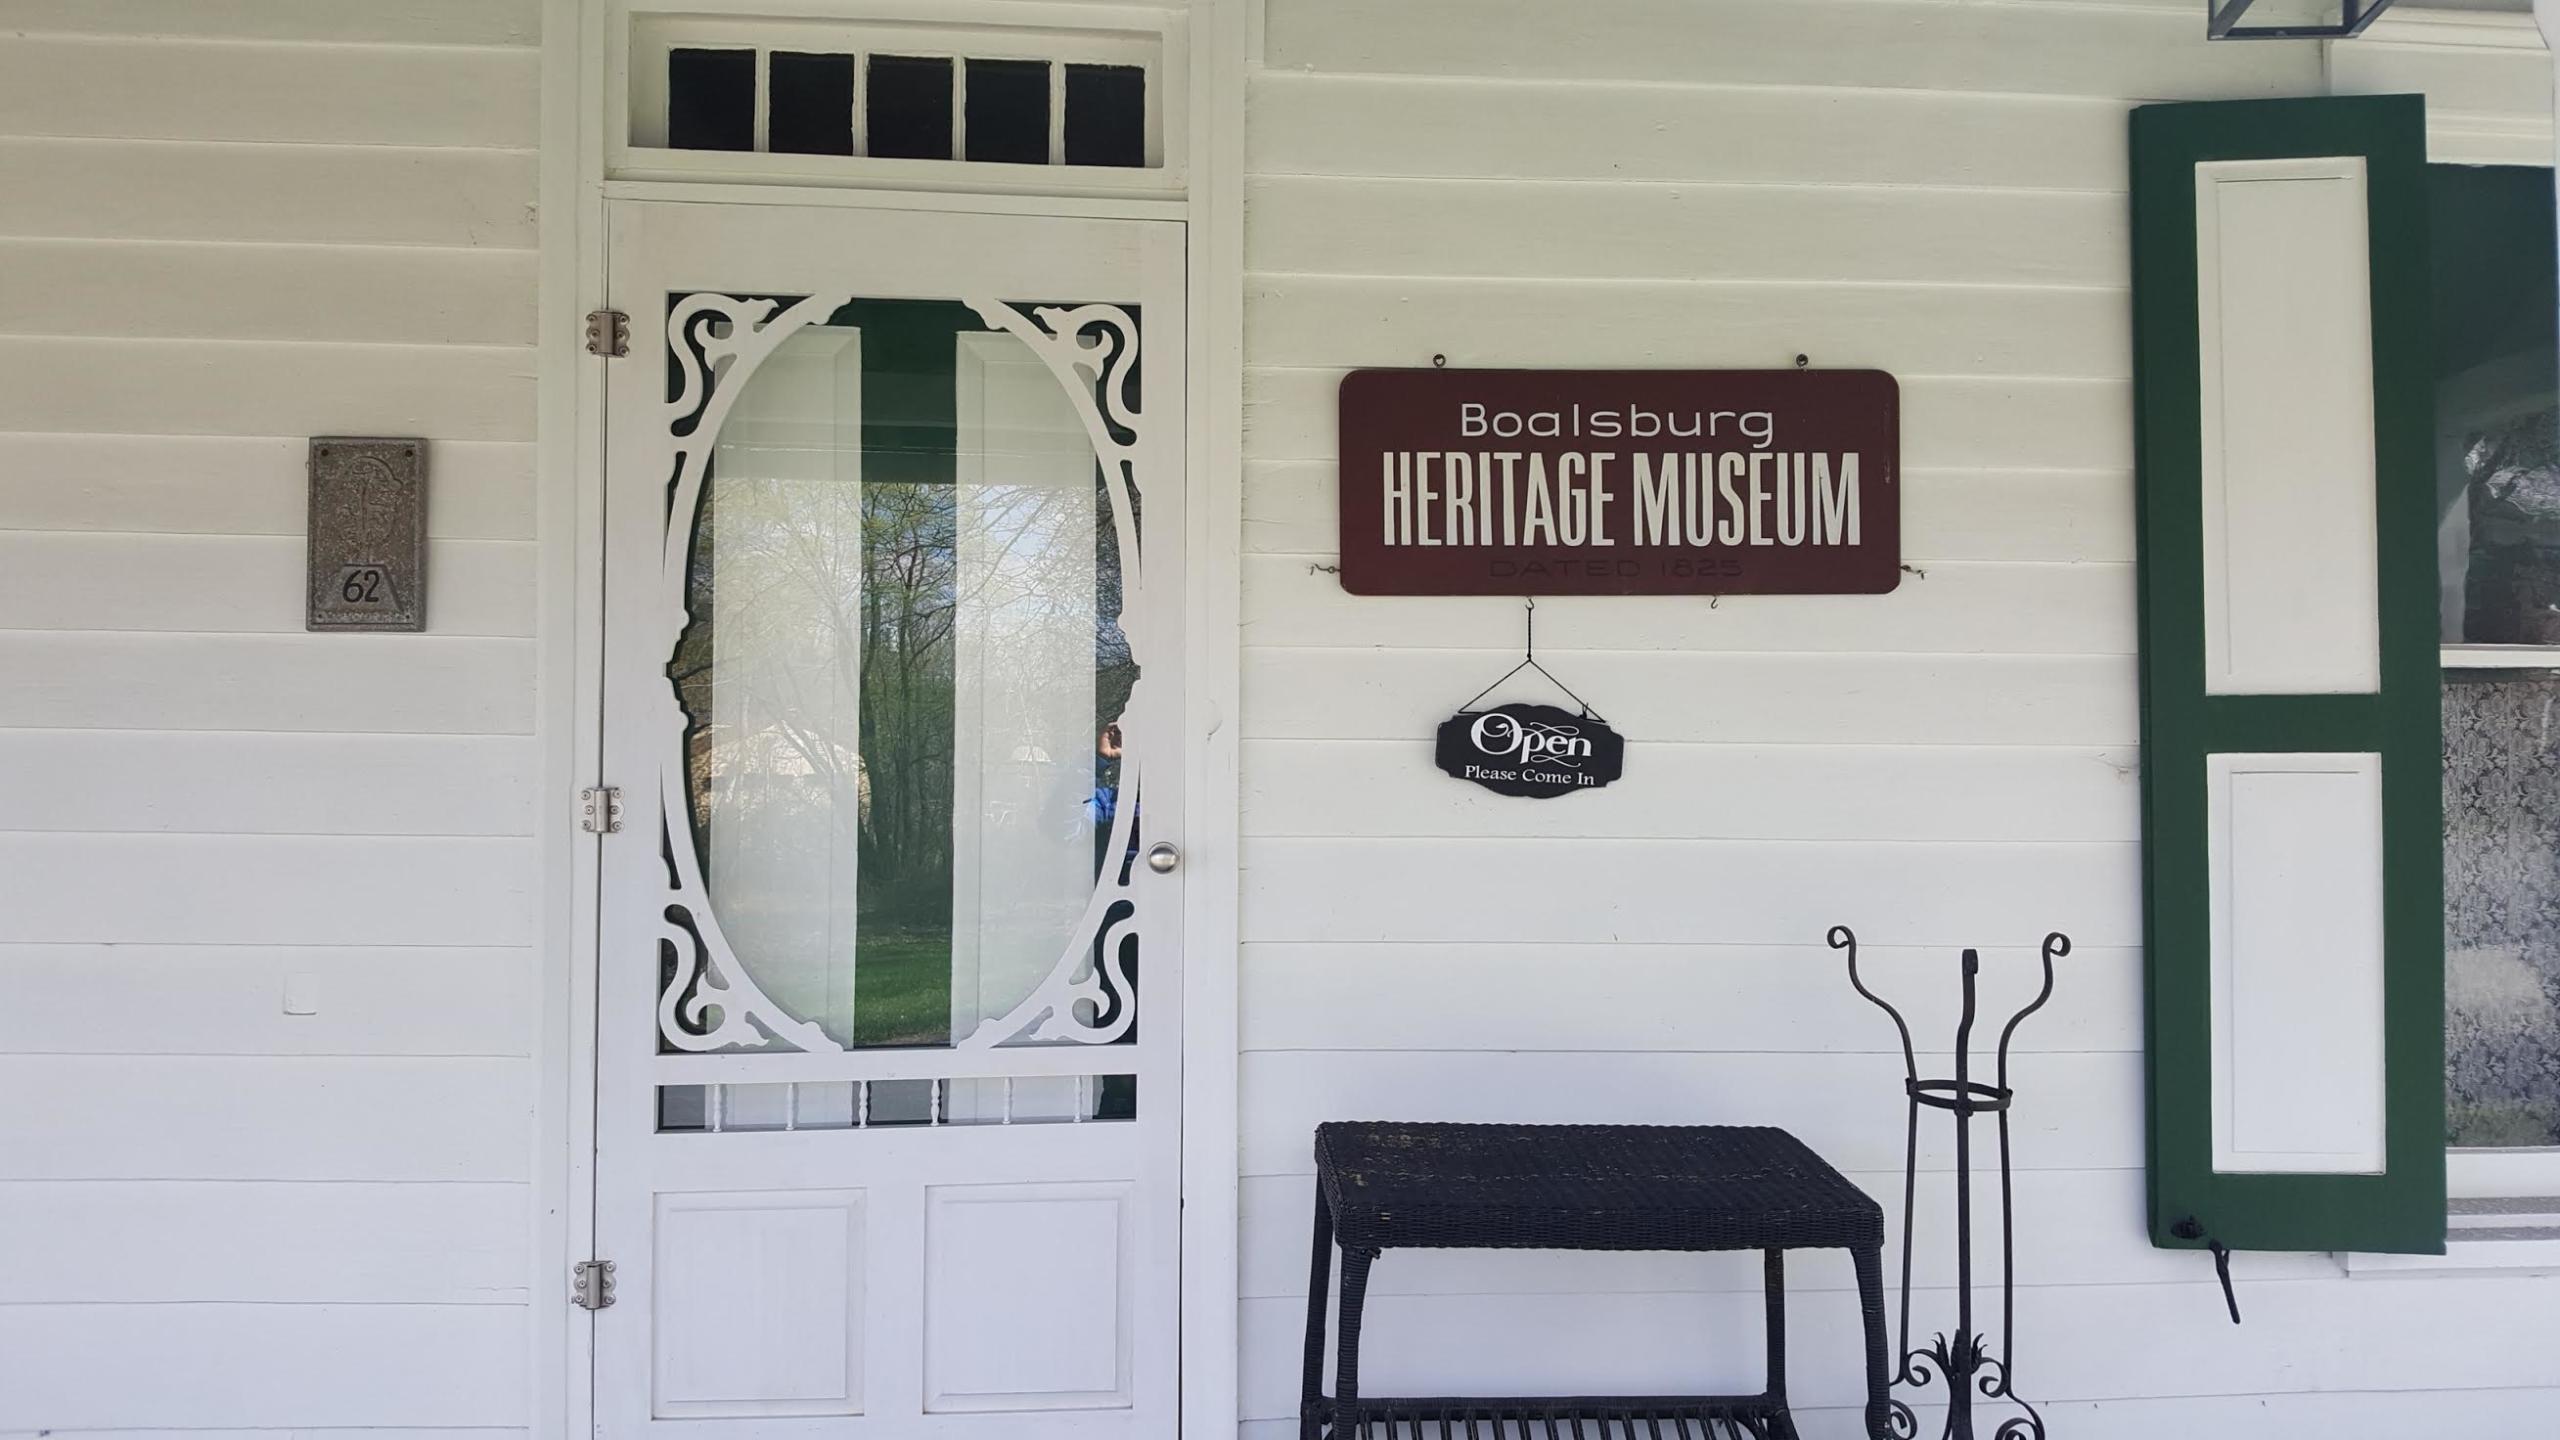 Front door of Boalsburg Heritage Museum with open sign